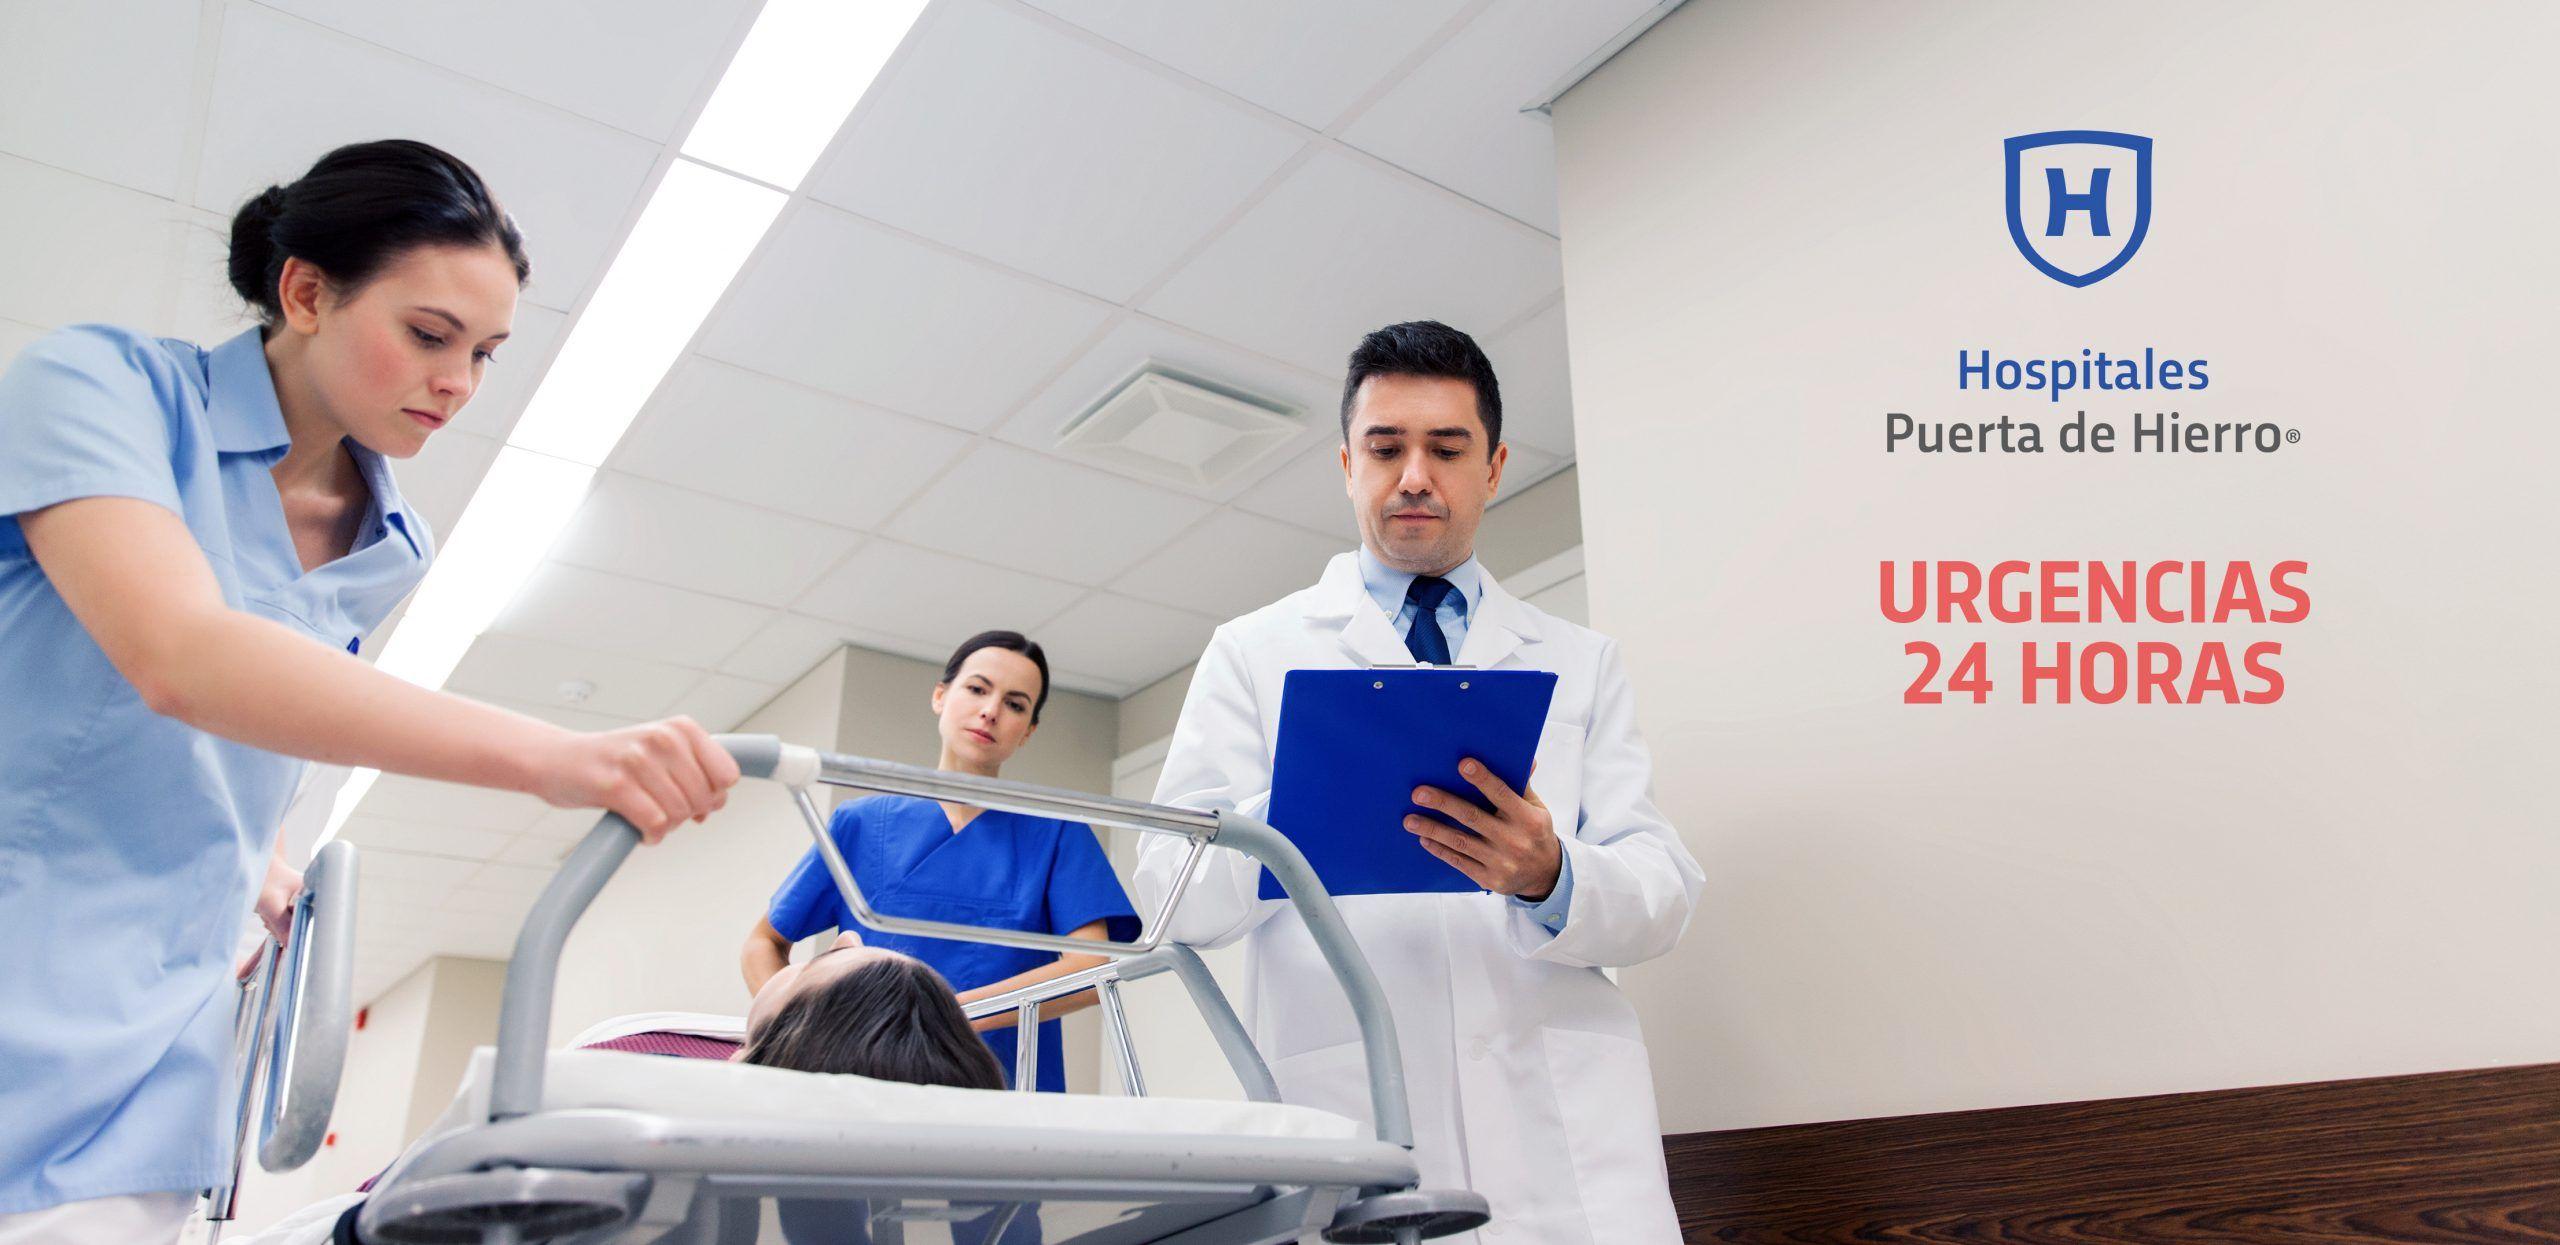 Urgencias médicas 24 horas Puerta de Hierro